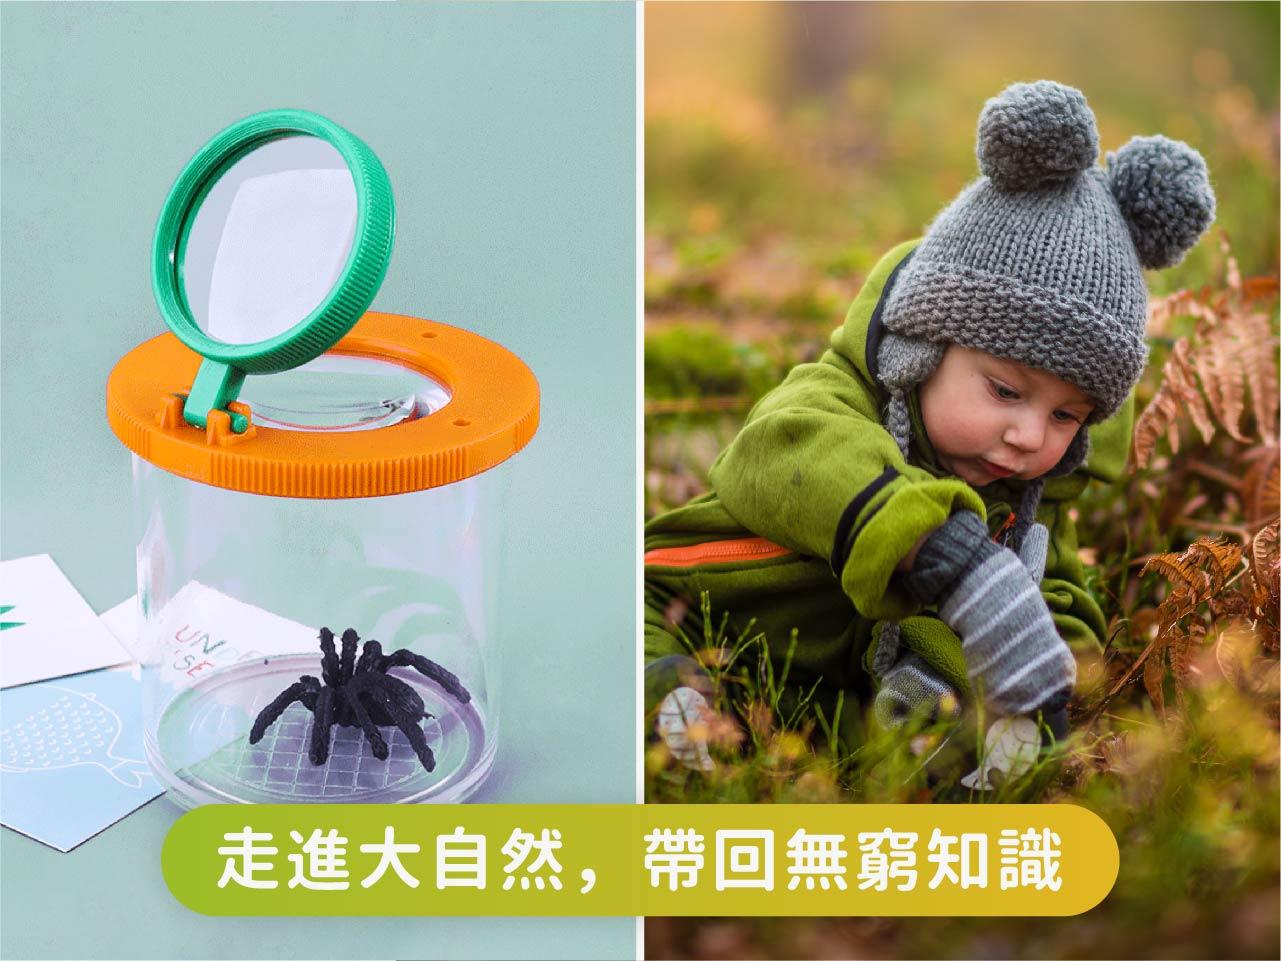 到戶外使用昆蟲觀察罐,從大自然學習無窮知識!